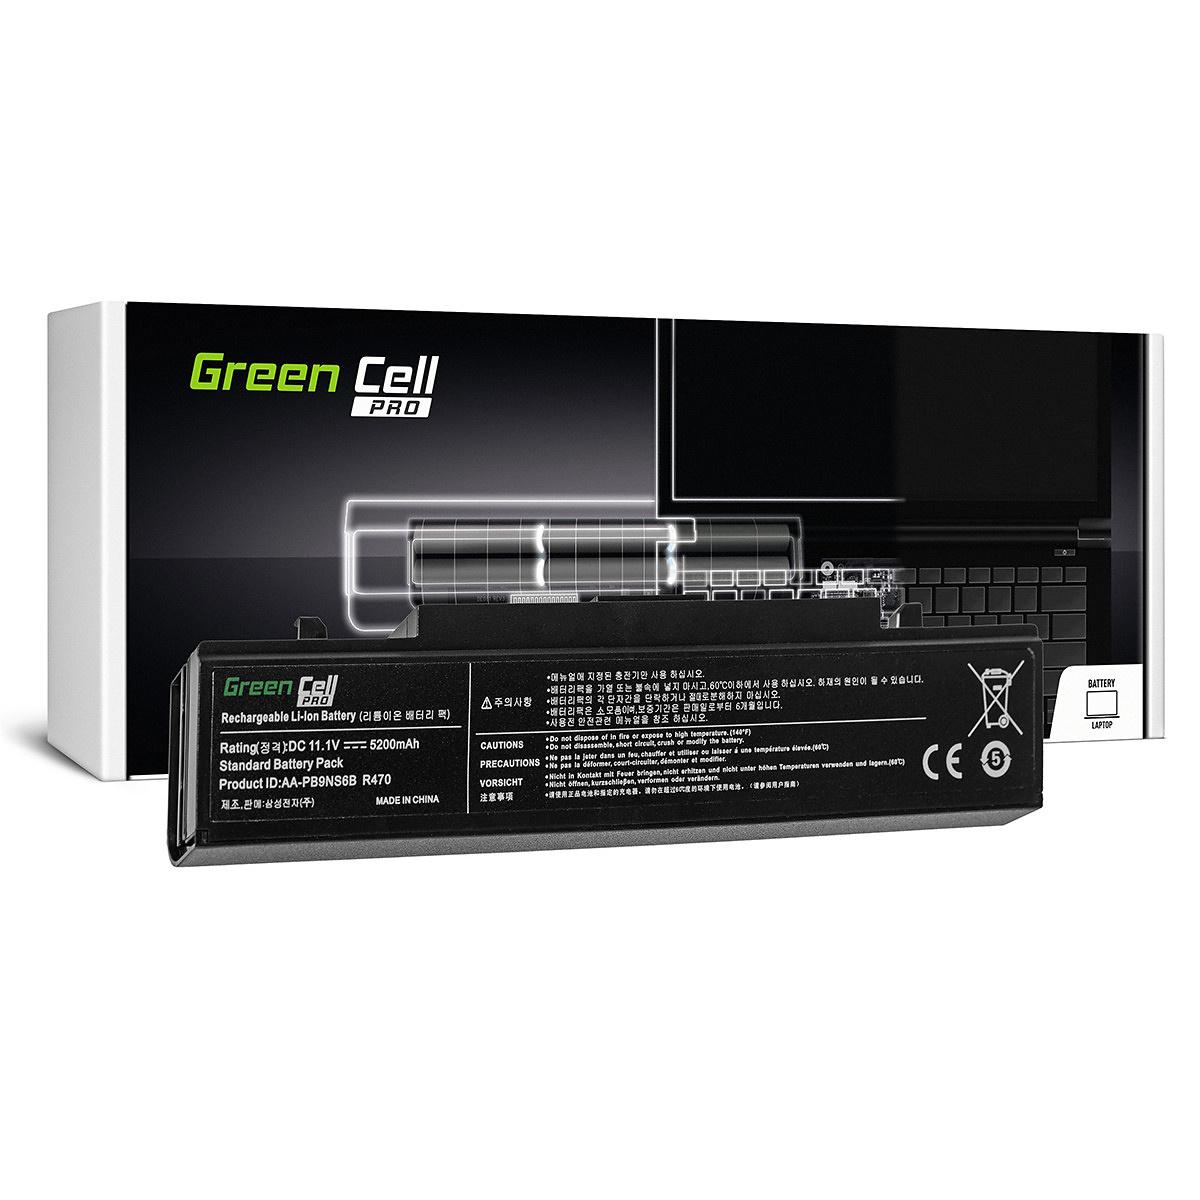 Green Cell PRO Batteri för Samsung R540 R580 R620, 11.1V 5200mAh